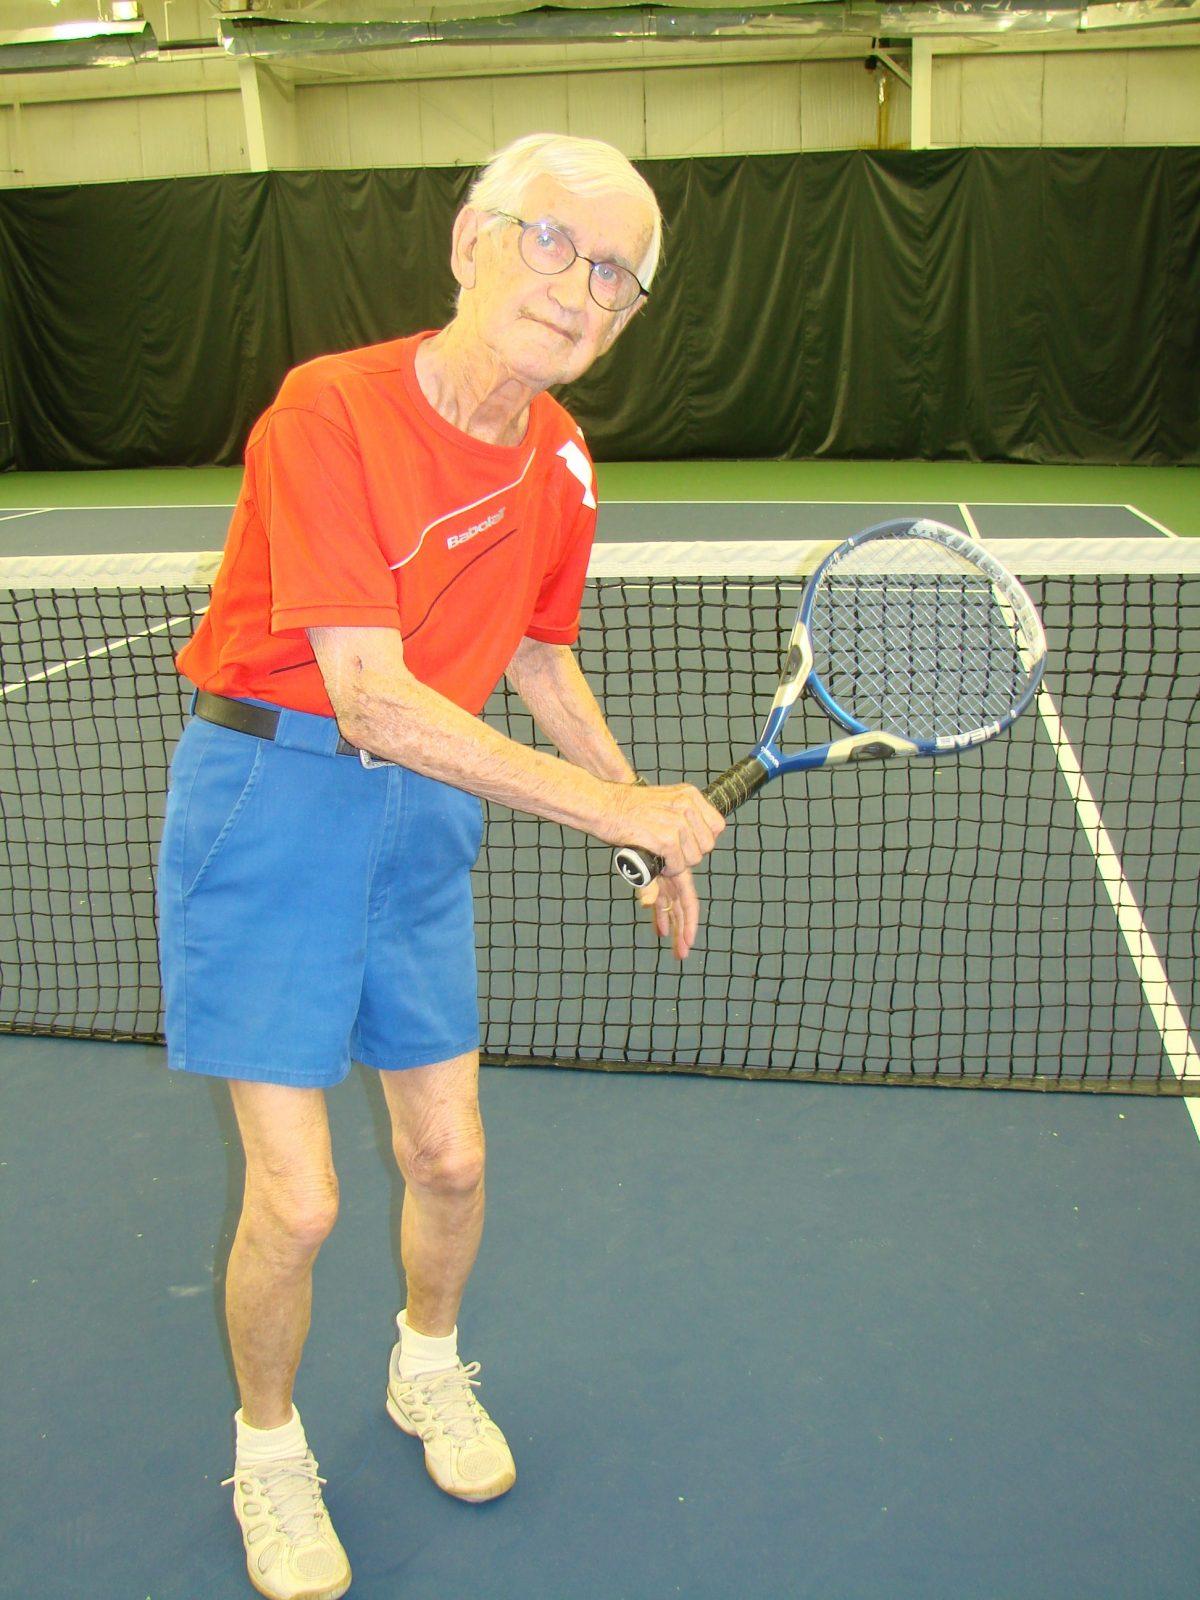 À 90 ans, il court toujours après la balle